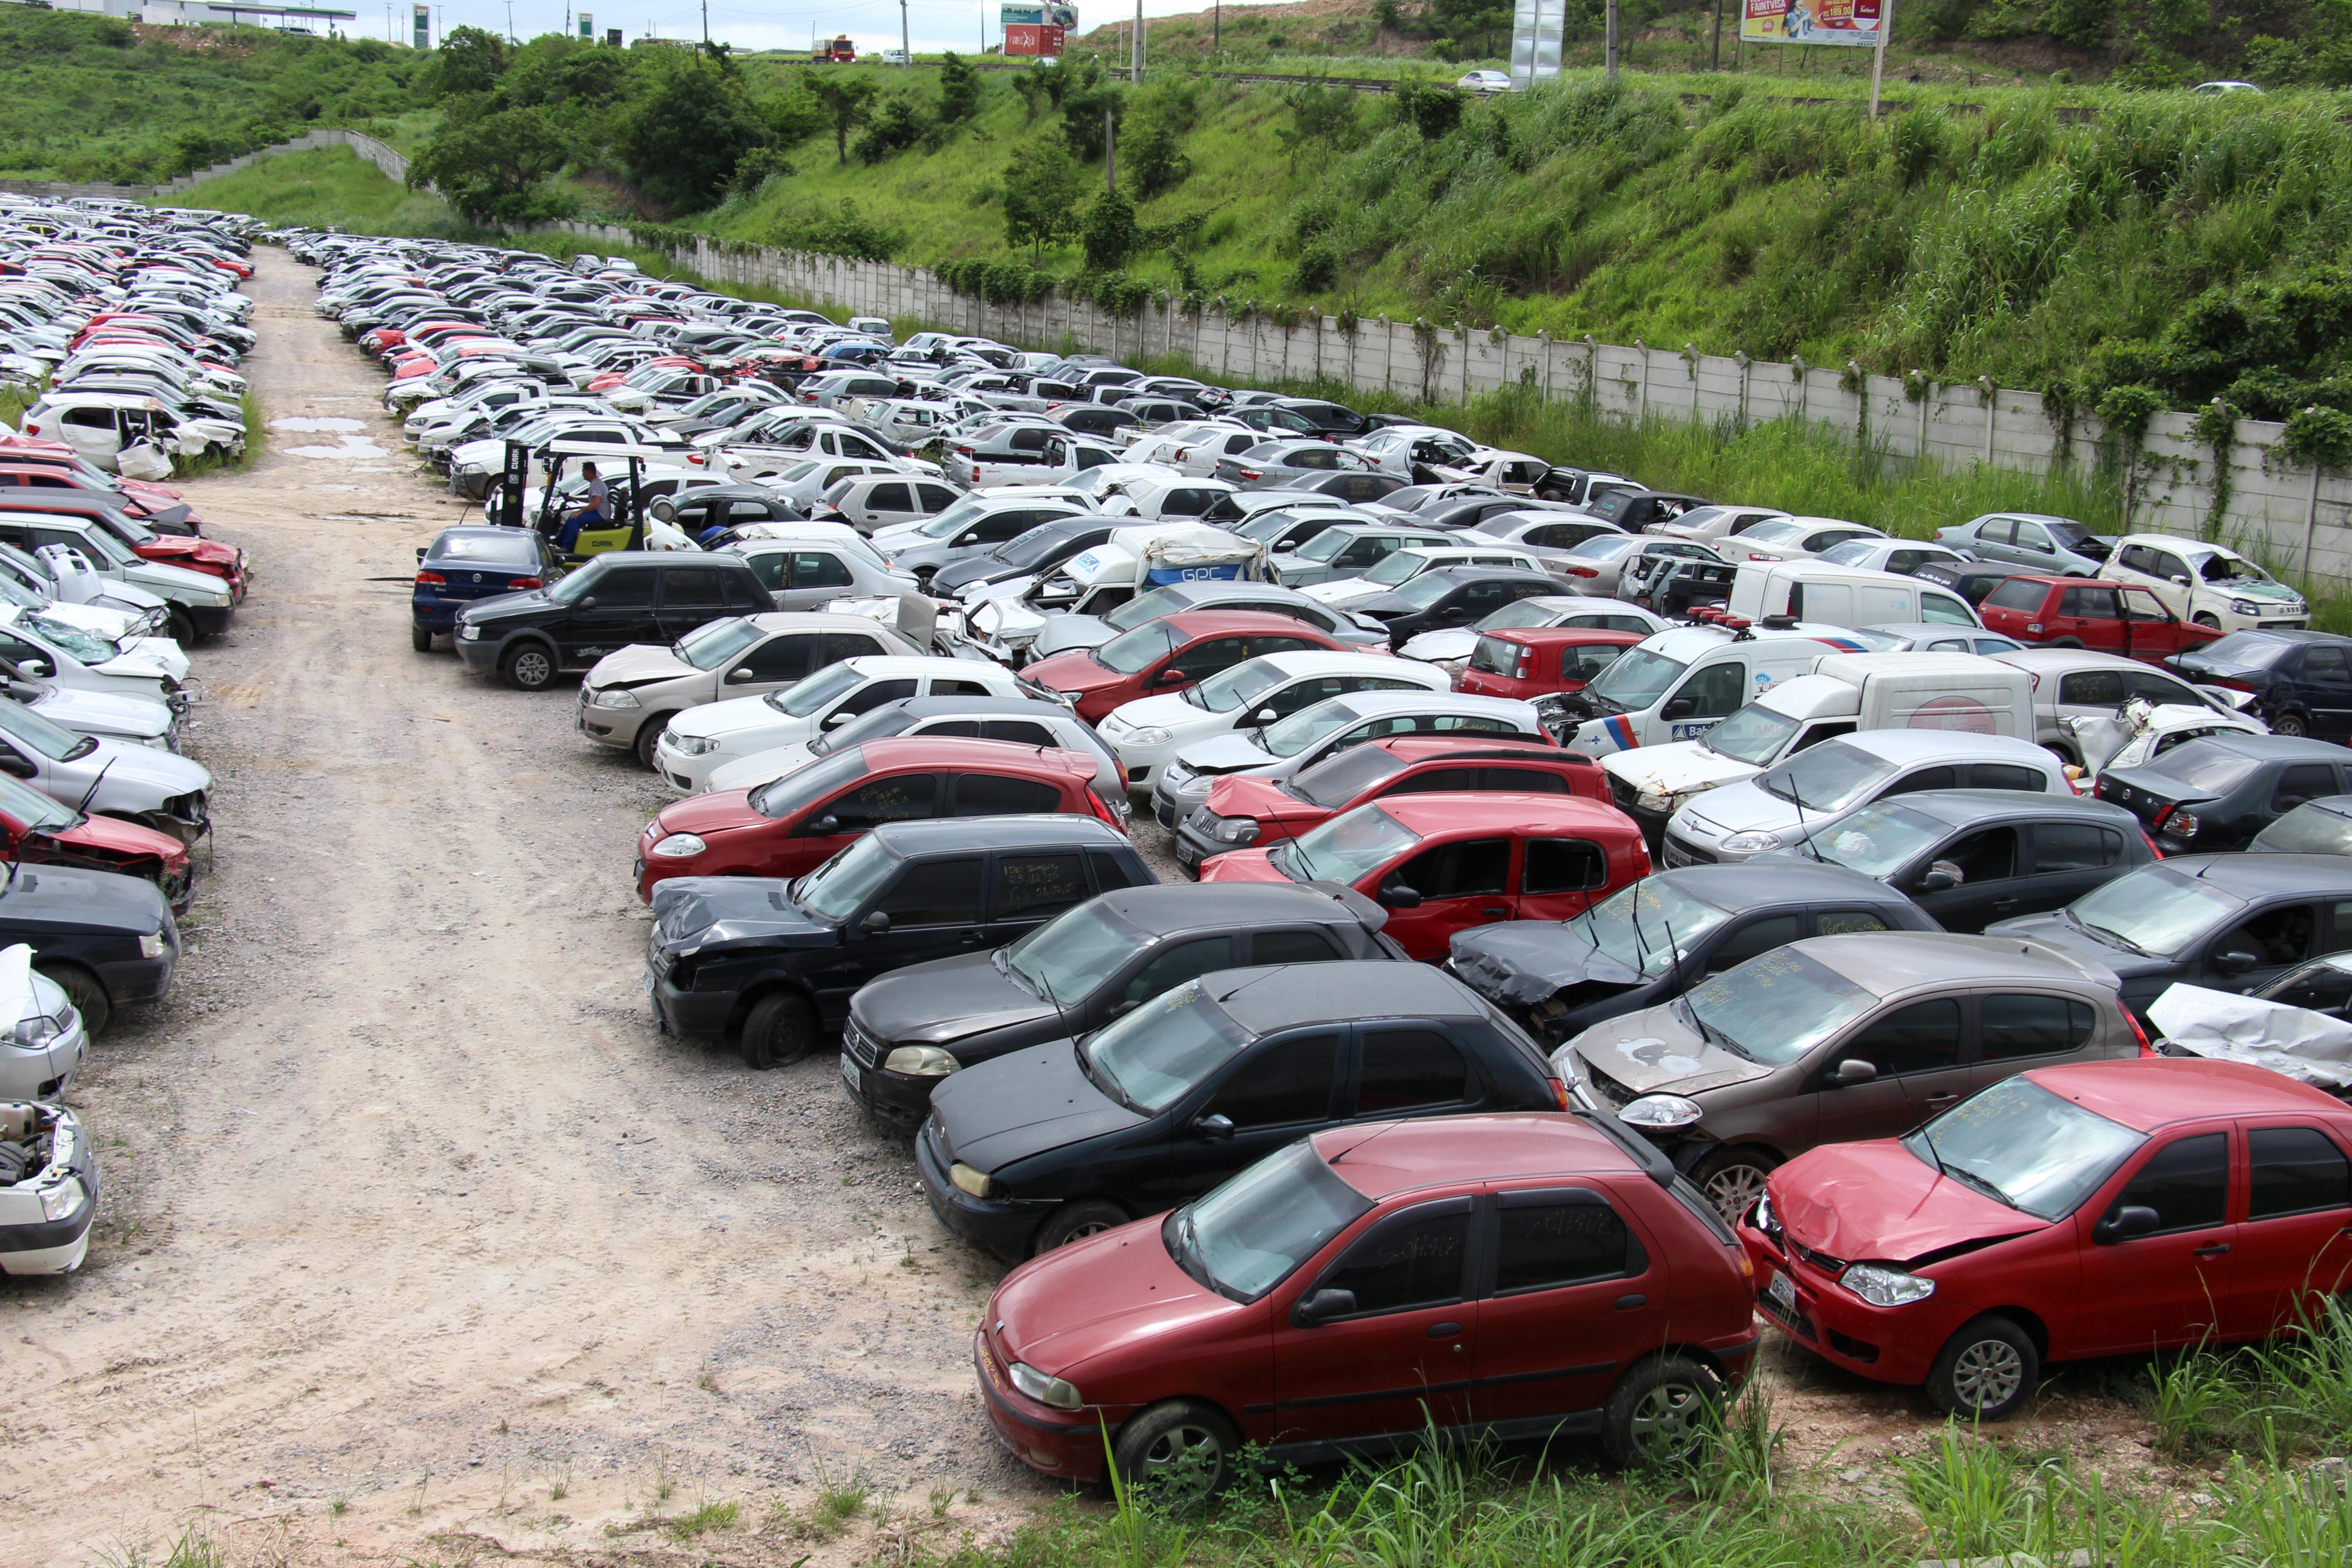 Serão 421 veículos leiloados cujo valor mínimo gira em torno de R$ 100,00. (Paulo Maciel/Detran-PE)